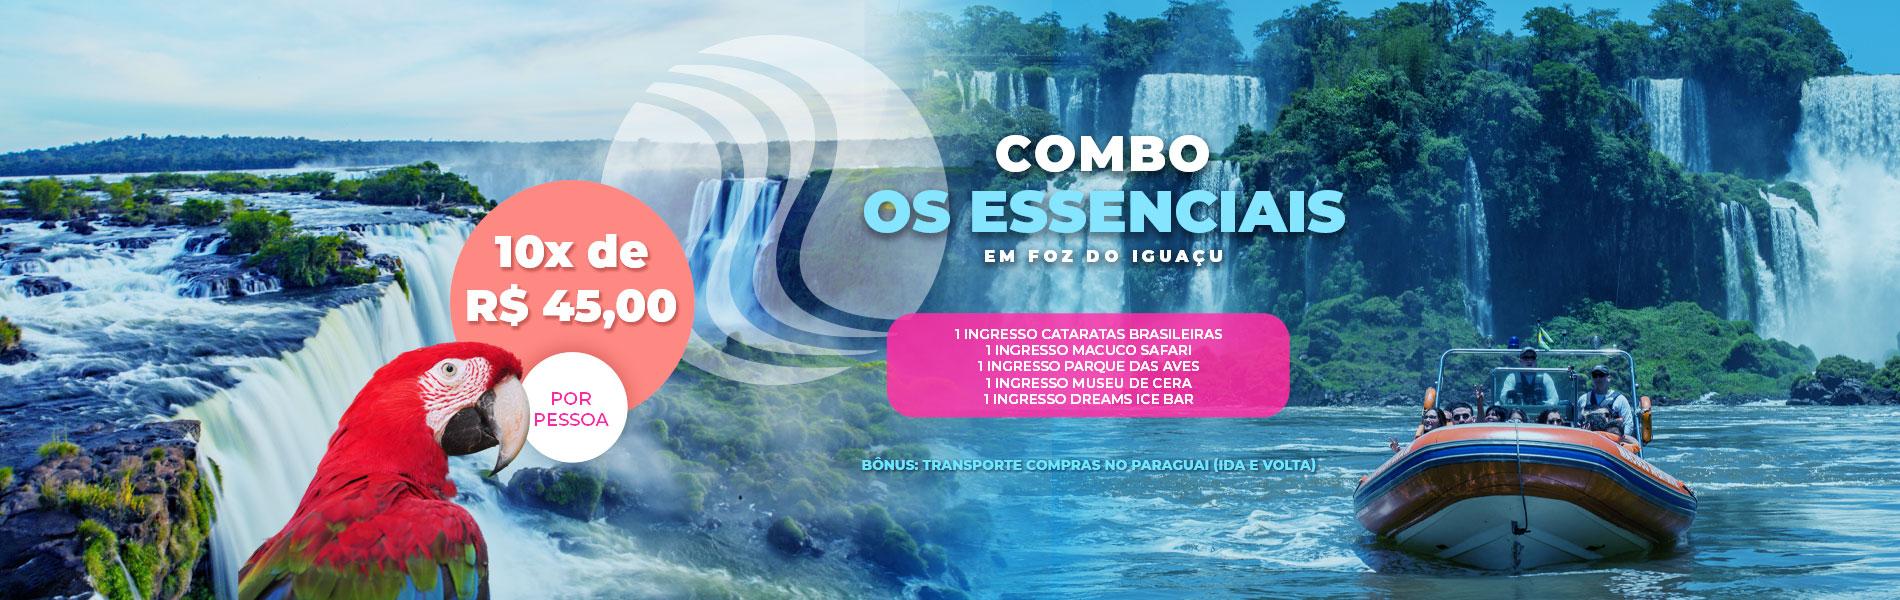 Banner Combo Os Essenciais